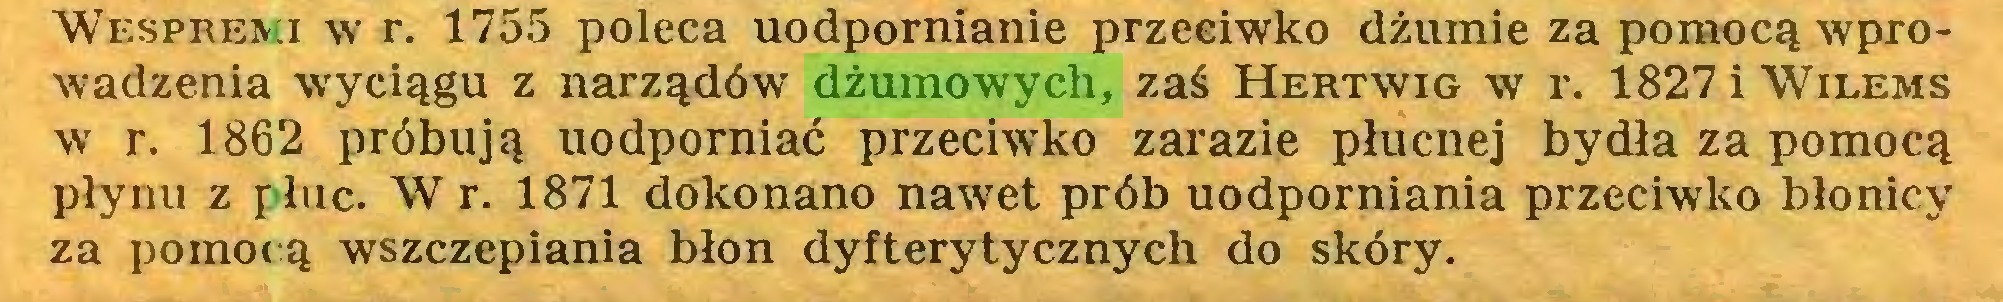 (...) Wespremi w r. 1755 poleca uodpornianie przeciwko dżumie za pomocą wprowadzenia wyciągu z narządów dżumowych, zaś Hertwig w r. 1827 i Wilems w r. 1862 próbują uodporniać przeciwko zarazie płucnej bydła za pomocą płynu z płuc. W r. 1871 dokonano nawet prób uodporniania przeciwko błonicy za pomocą wszczepiania błon dyfterytycznych do skóry...